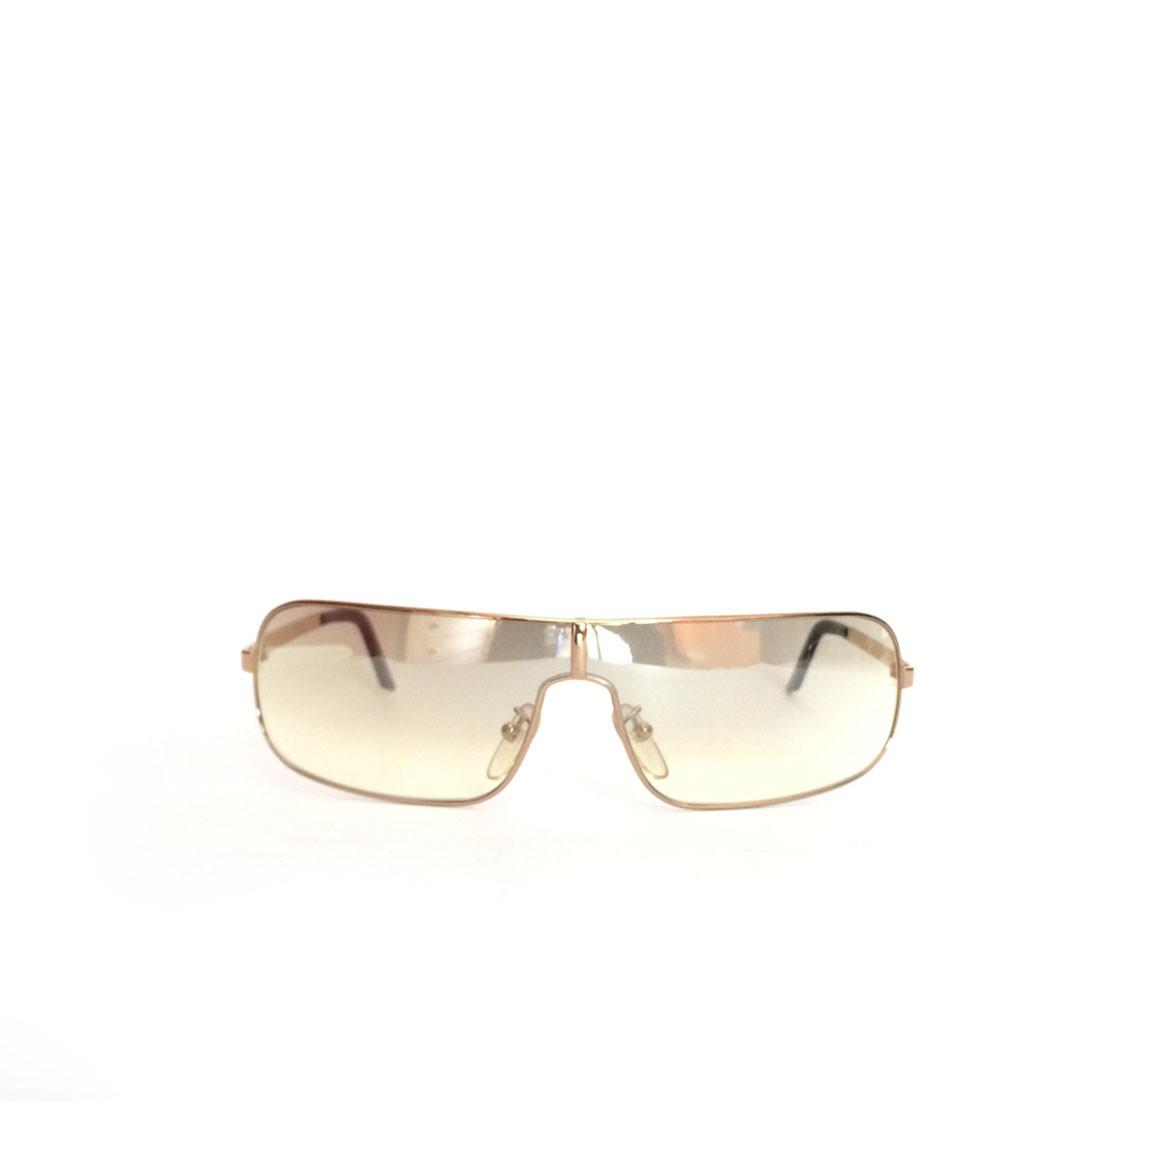 Lenti Fendi Oro Skeggiottica Sole Da Occhiali Metallo Unisex Flash UcygAT4Cqw